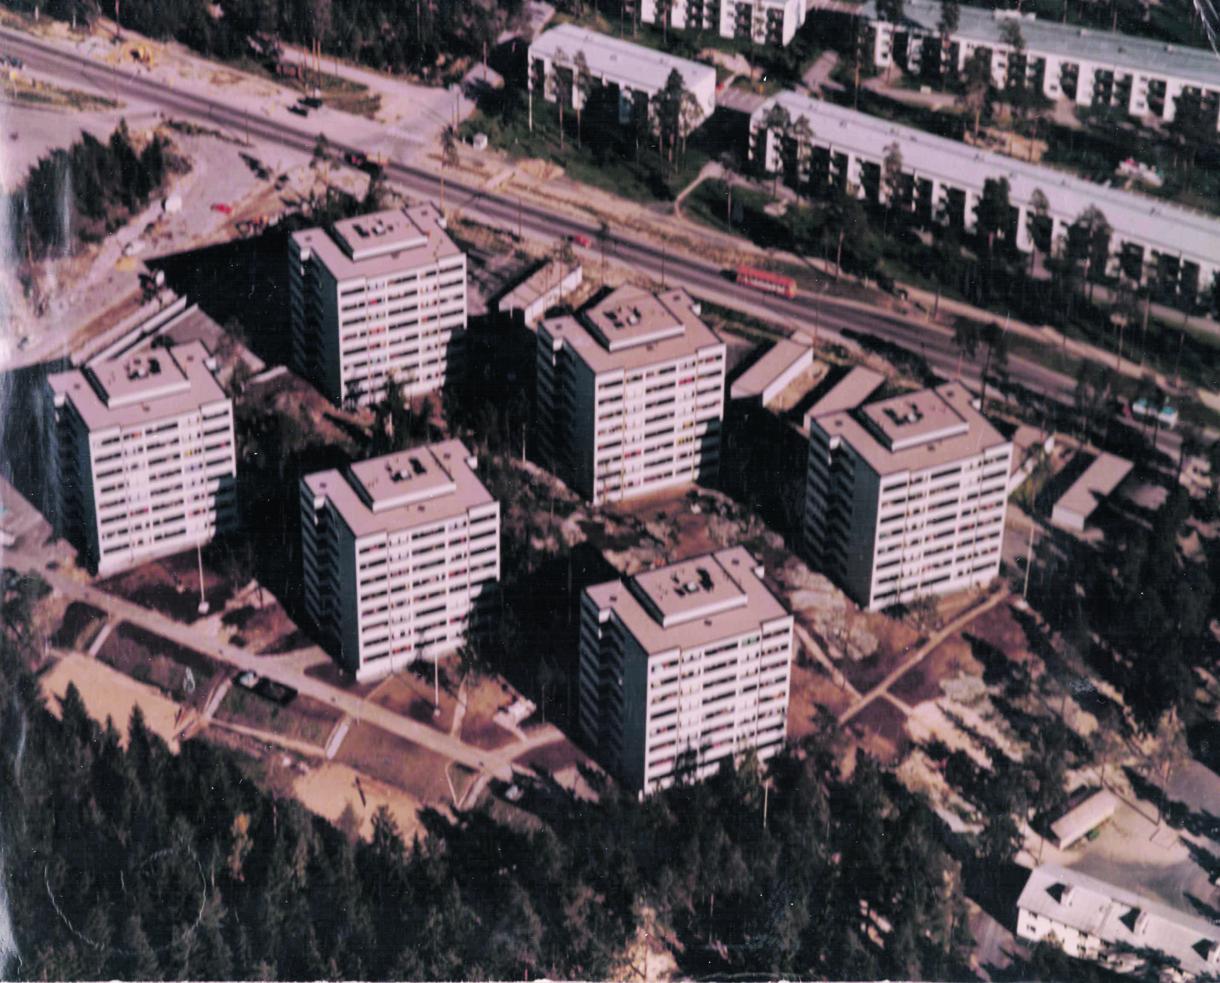 Juuri valmistuneet Rastilantie 2:n talot 1970-luvun alussa. Oikeassa alakulmassa näkyvät Airoparintie 1–3:n jo puretut talot. Vasemmassa yläkulmassa nykyisen Lidlin paikalla oli Shellin huoltoasema. Kuva: Vuosaari-lehden arkisto